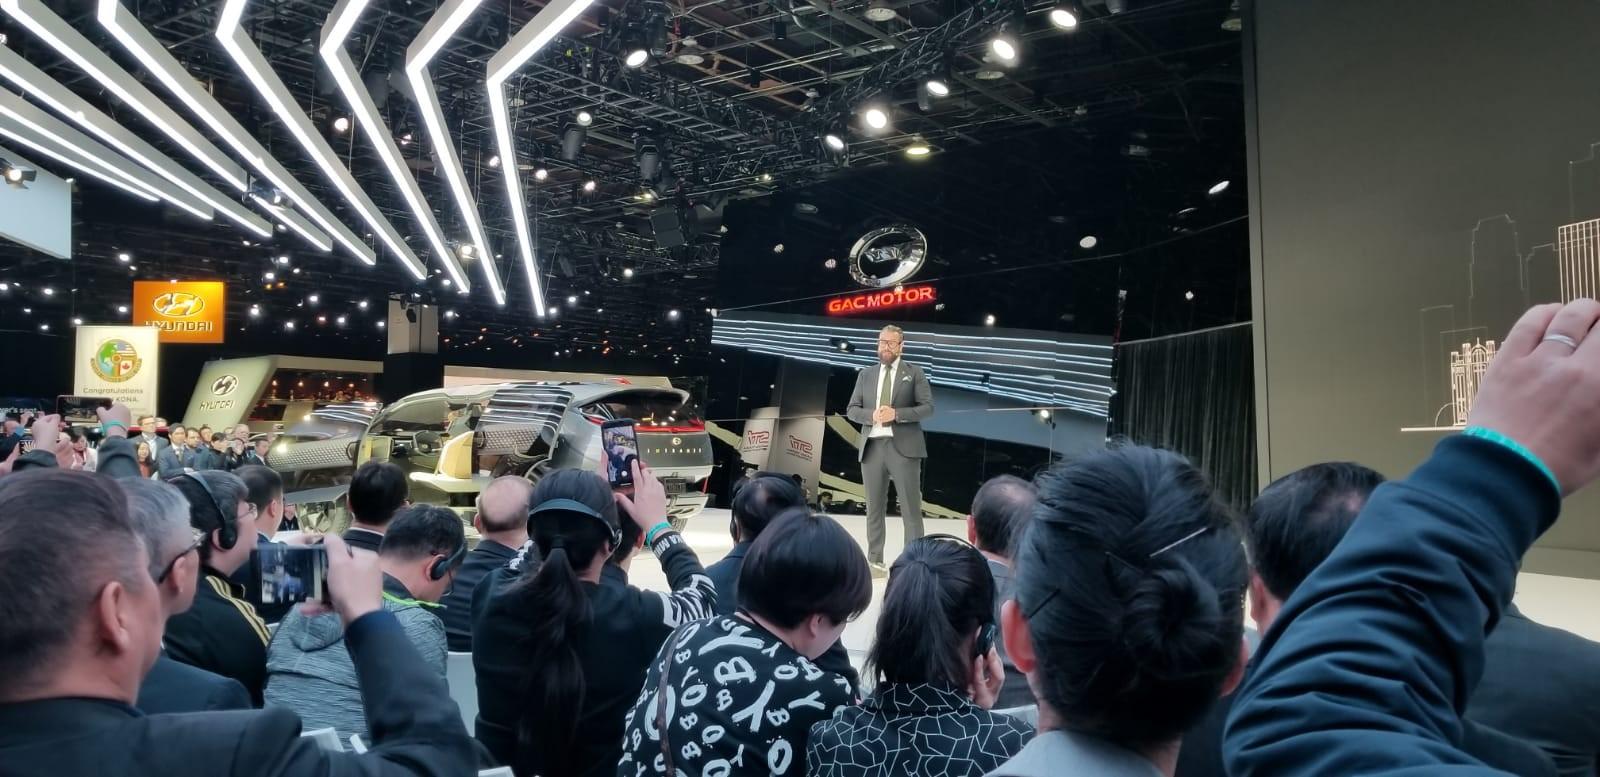 The GAC Motor presentation at NAIAS 2019 in Detroit.